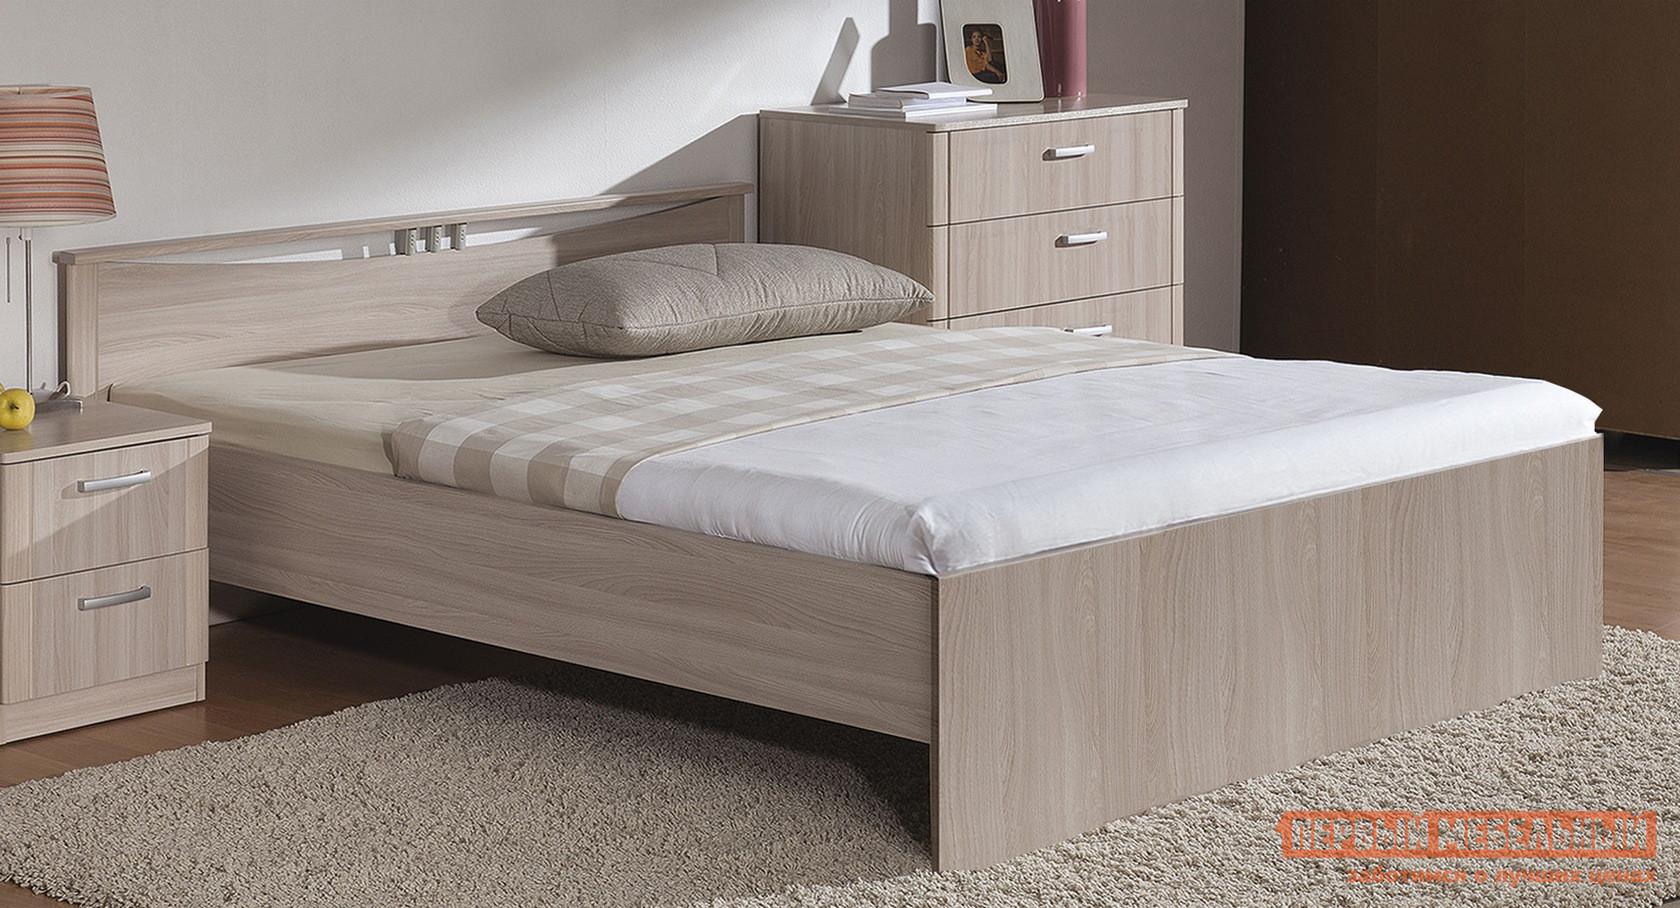 Кровать Боровичи Мелисса Шимо светлый, Спальное место 1400 X 2000 ммОдноспальные кровати<br>Габаритные размеры ВхШхГ 710x900 / 1500x2100 мм. Односпальная кровать, выполненная в классическом стиле, позволит создать уютную обстановку для сна и отдыха в спальне. Изголовье оформлено изящным вырезом с декоративными элементами. Боковые части каркаса имеют обрамления из массива березы, которые обеспечивают прочность и износостойкость кровати. Основание кровати выполняется из деревянных брусьев.  Размеры спального места:800 х 2000 мм;900 х 2000 мм;1200 х 2000 мм;1400 х 2000 мм;1600 х 2000 мм. Обратите внимание! Кровать продается без матраса, подходящие варианты матрасов вы можете найти в разделе «Аксессуары». Кровать выполнена из массива березы.<br><br>Цвет: Светлое дерево<br>Высота мм: 710<br>Ширина мм: 900 / 1500<br>Глубина мм: 2100<br>Форма поставки: В разобранном виде<br>Срок гарантии: 18 месяцев<br>Тип: Простые<br>Материал: Дерево<br>Материал: ЛДСП<br>Материал: Натуральное дерево<br>Порода дерева: Береза<br>Размер: Спальное место 120Х200<br>Размер: Спальное место 140Х200<br>Размер: Спальное место 90Х200<br>Размер: Спальное место 80Х200<br>С ортопедическим основанием: Да<br>На ножках: Да<br>Без изножья: Да<br>Без подъемного механизма: Да